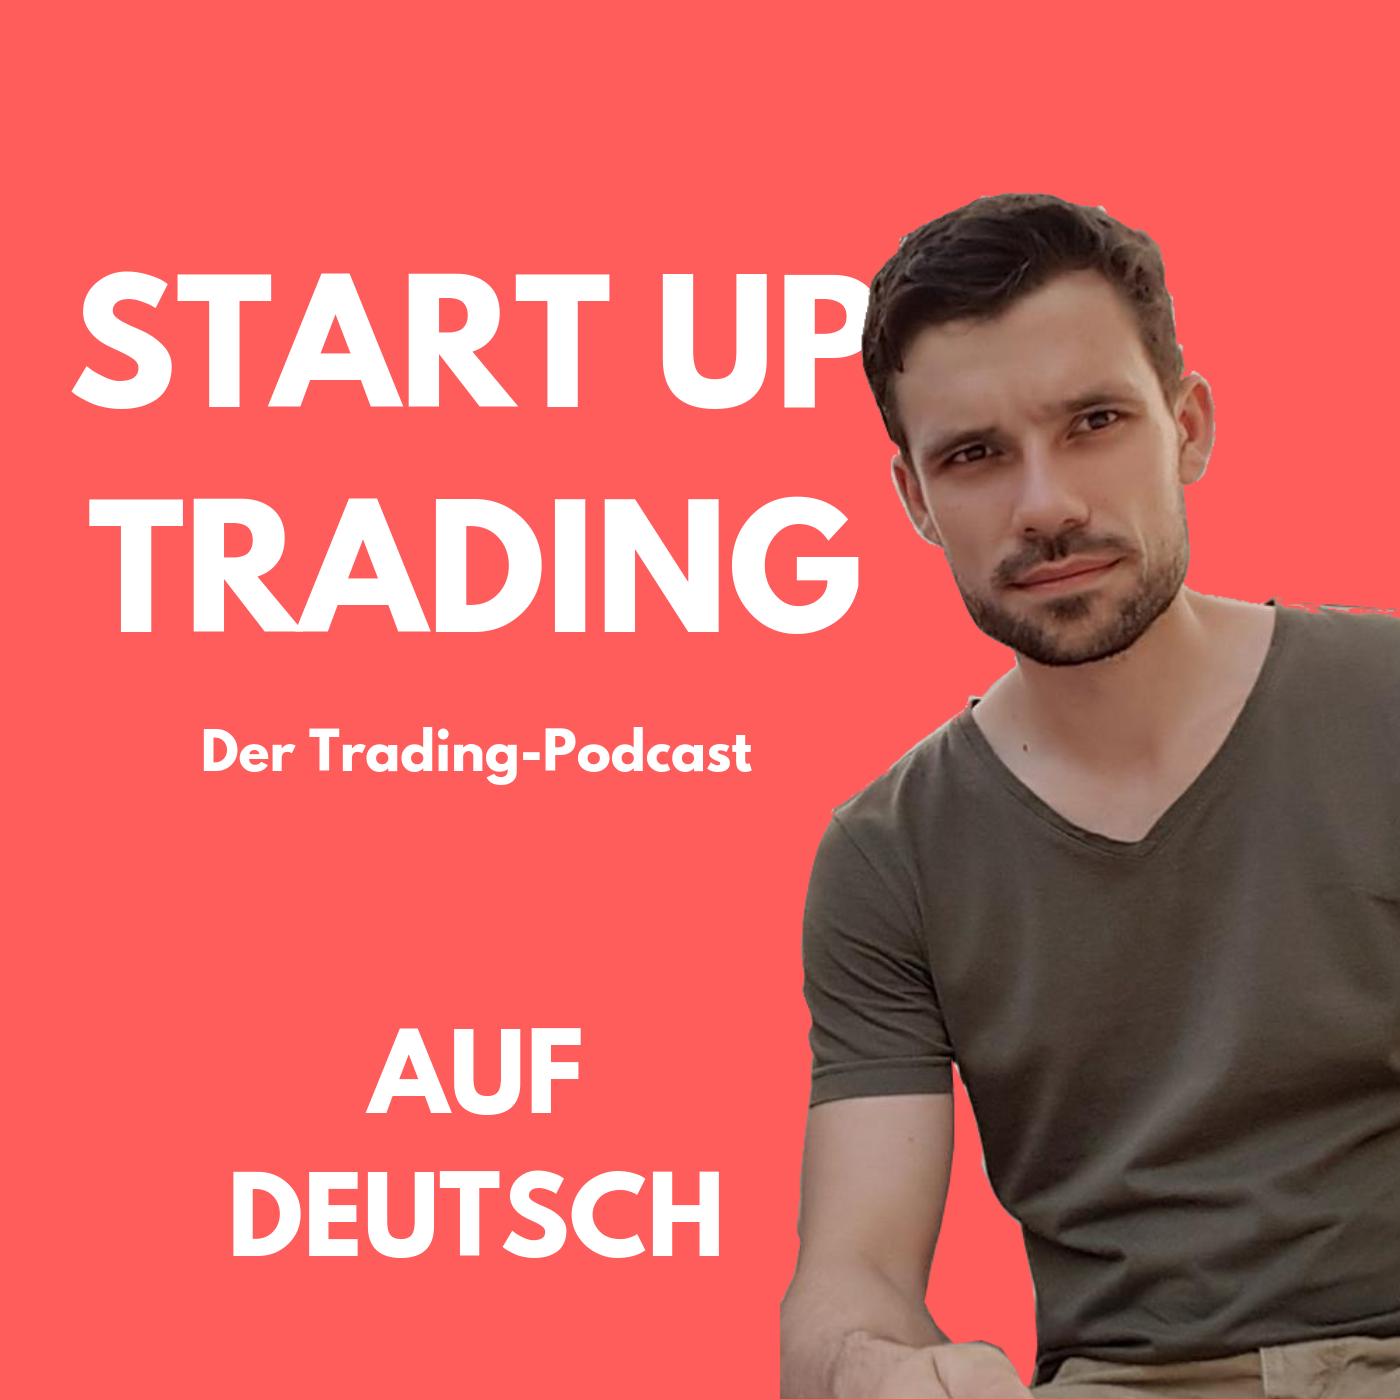 Start Up Trading | Dein Podcast über Investieren, Trading und Finanzen | auf Deutsch